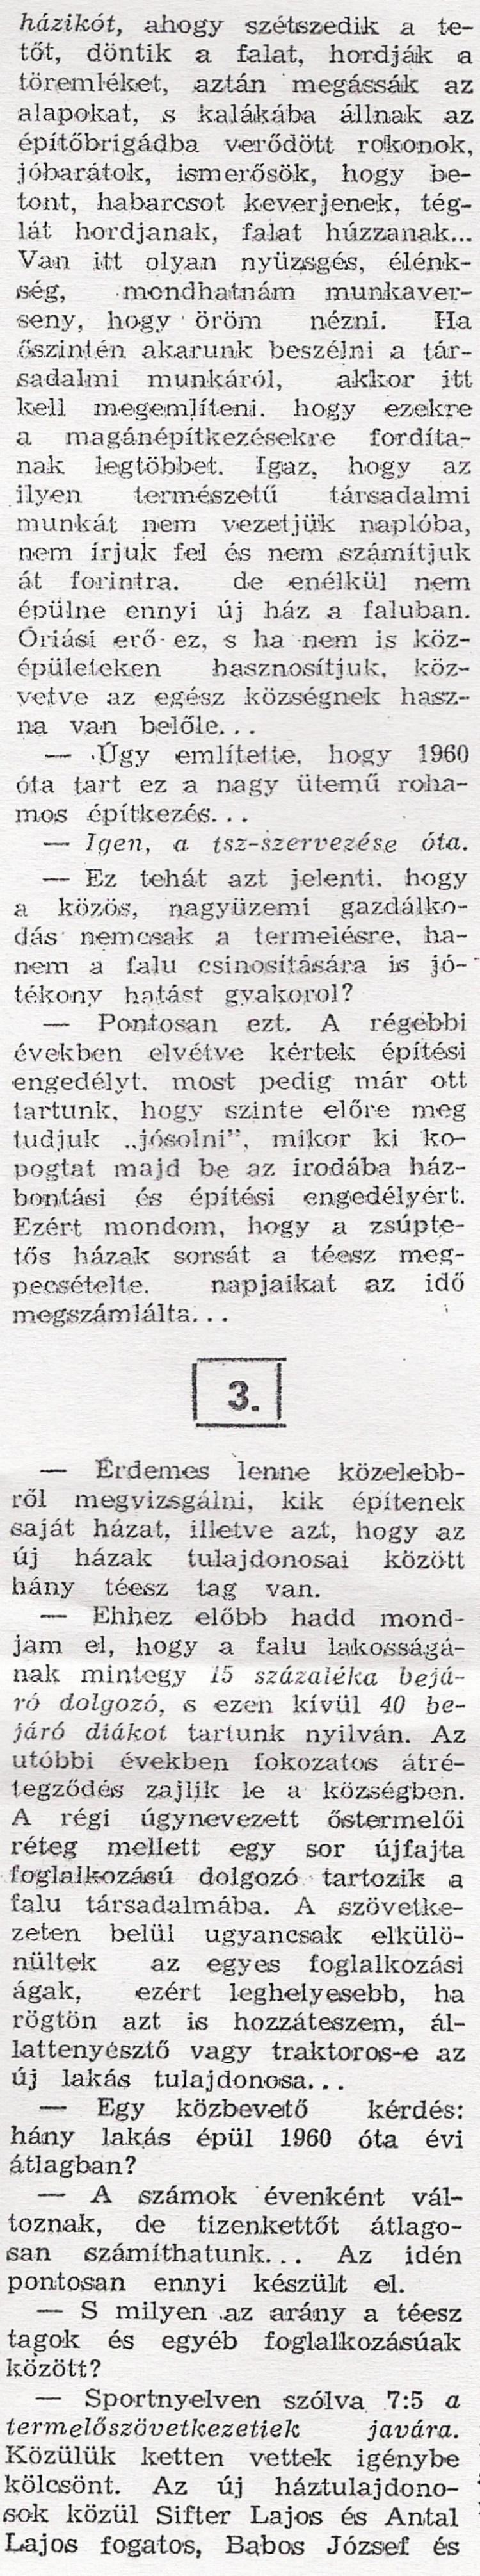 vn_19651221_3o_3.jpg